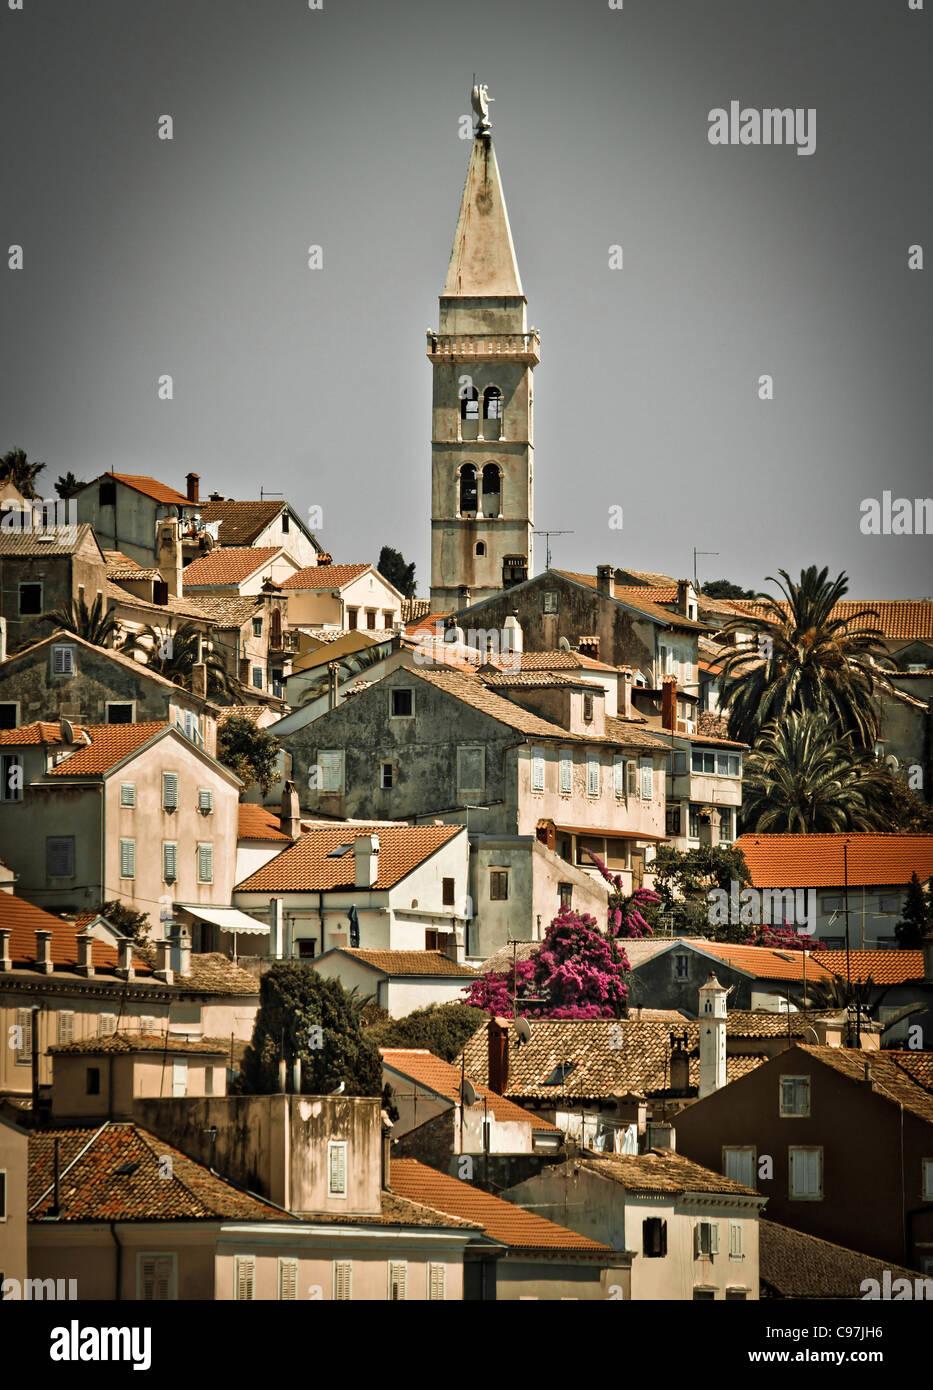 Schöne Stadt von Mali Losinj, Kroatien - vertikale Ansicht Stockbild